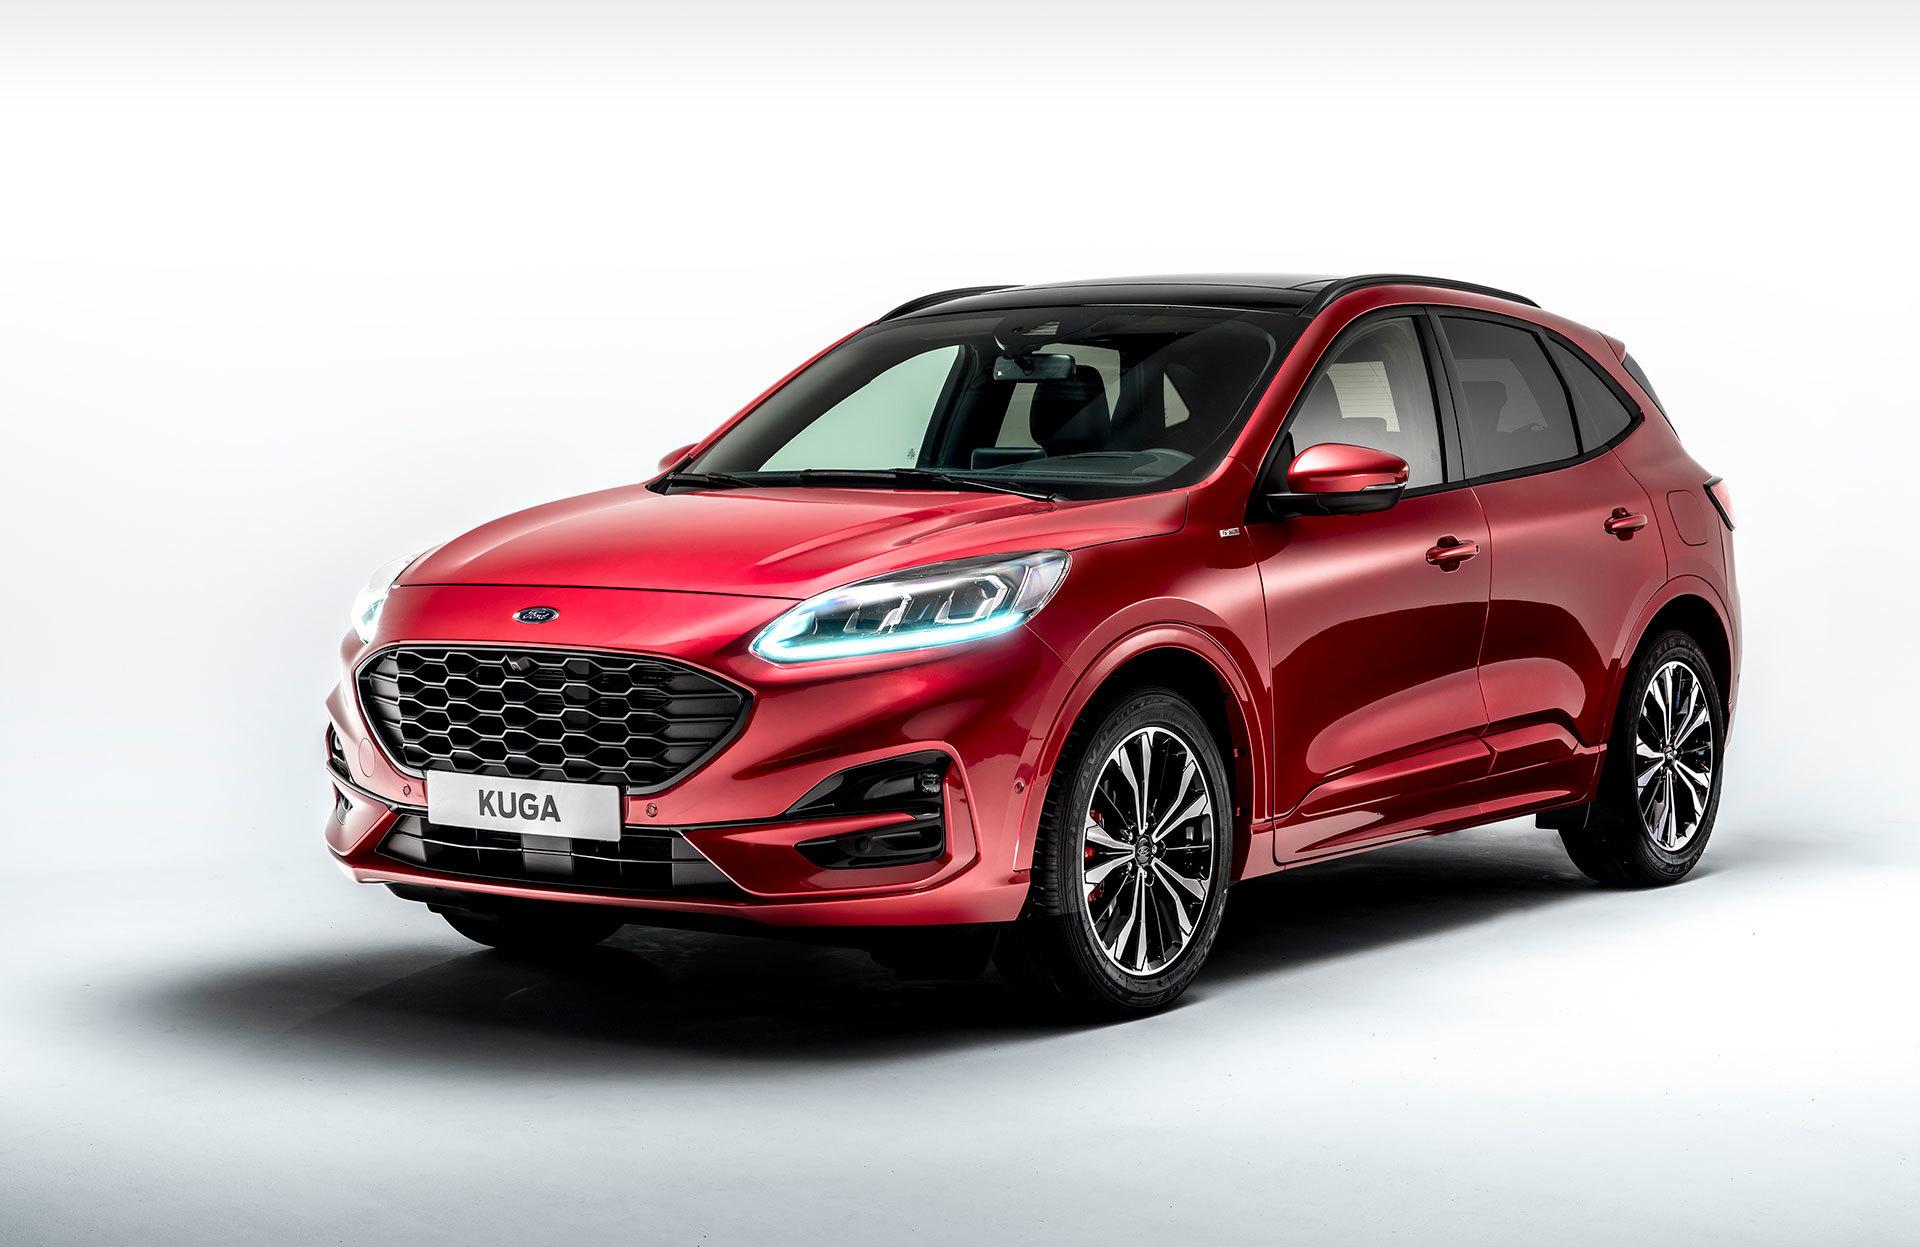 Ford Kuga 2019 Rojo Exterior 01